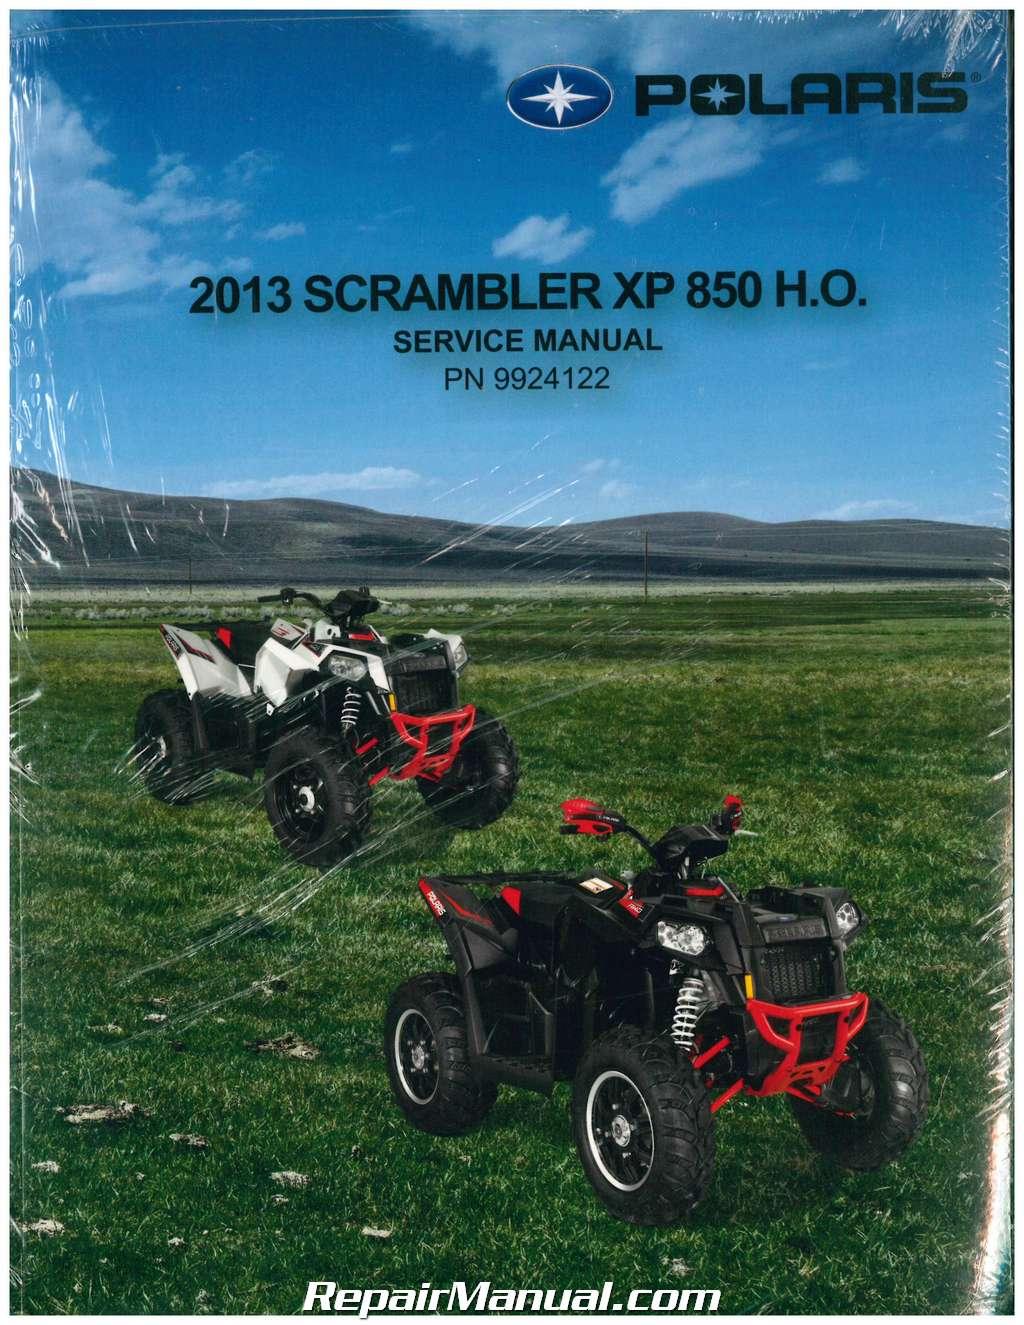 2007 polaris outlaw 90 manual